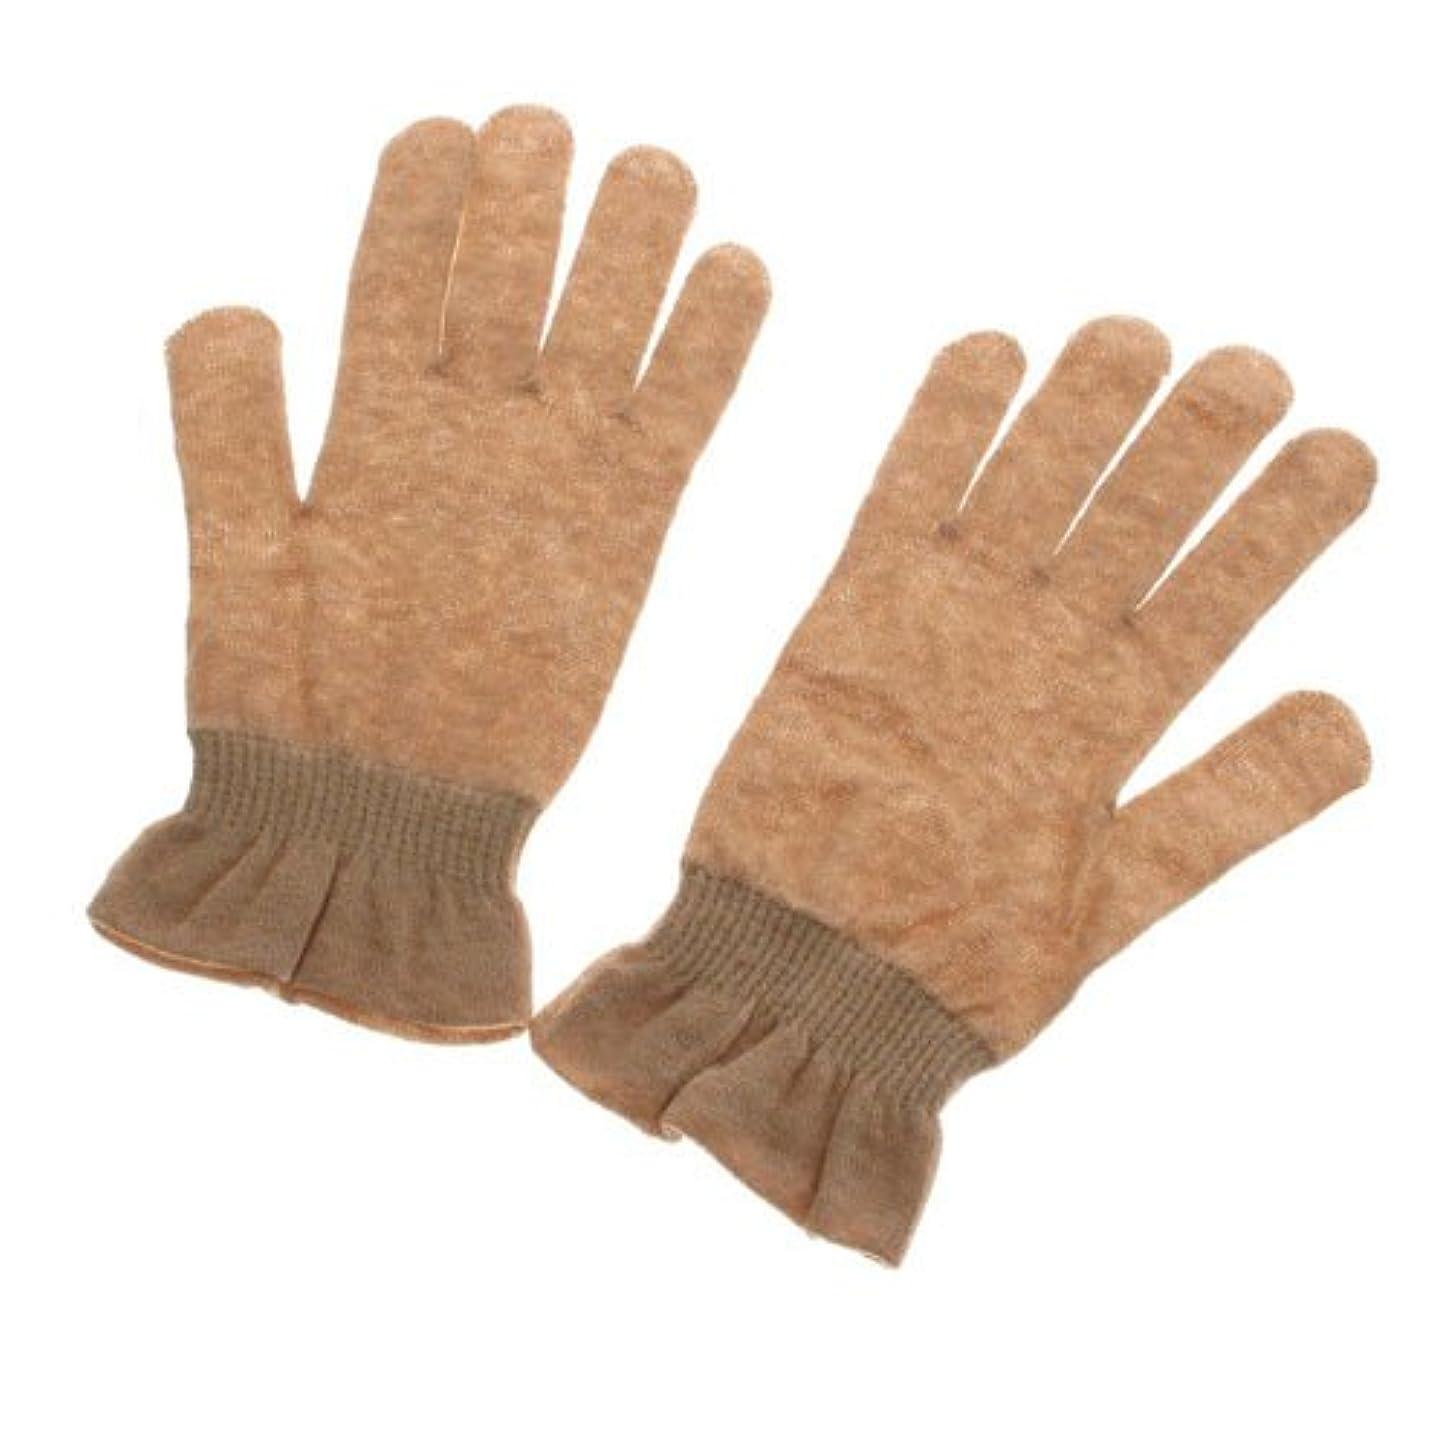 銀行リラックス勇気のあるオーガニックコットン天衣無縫 UVカット手袋?エステ ブラウン フリー